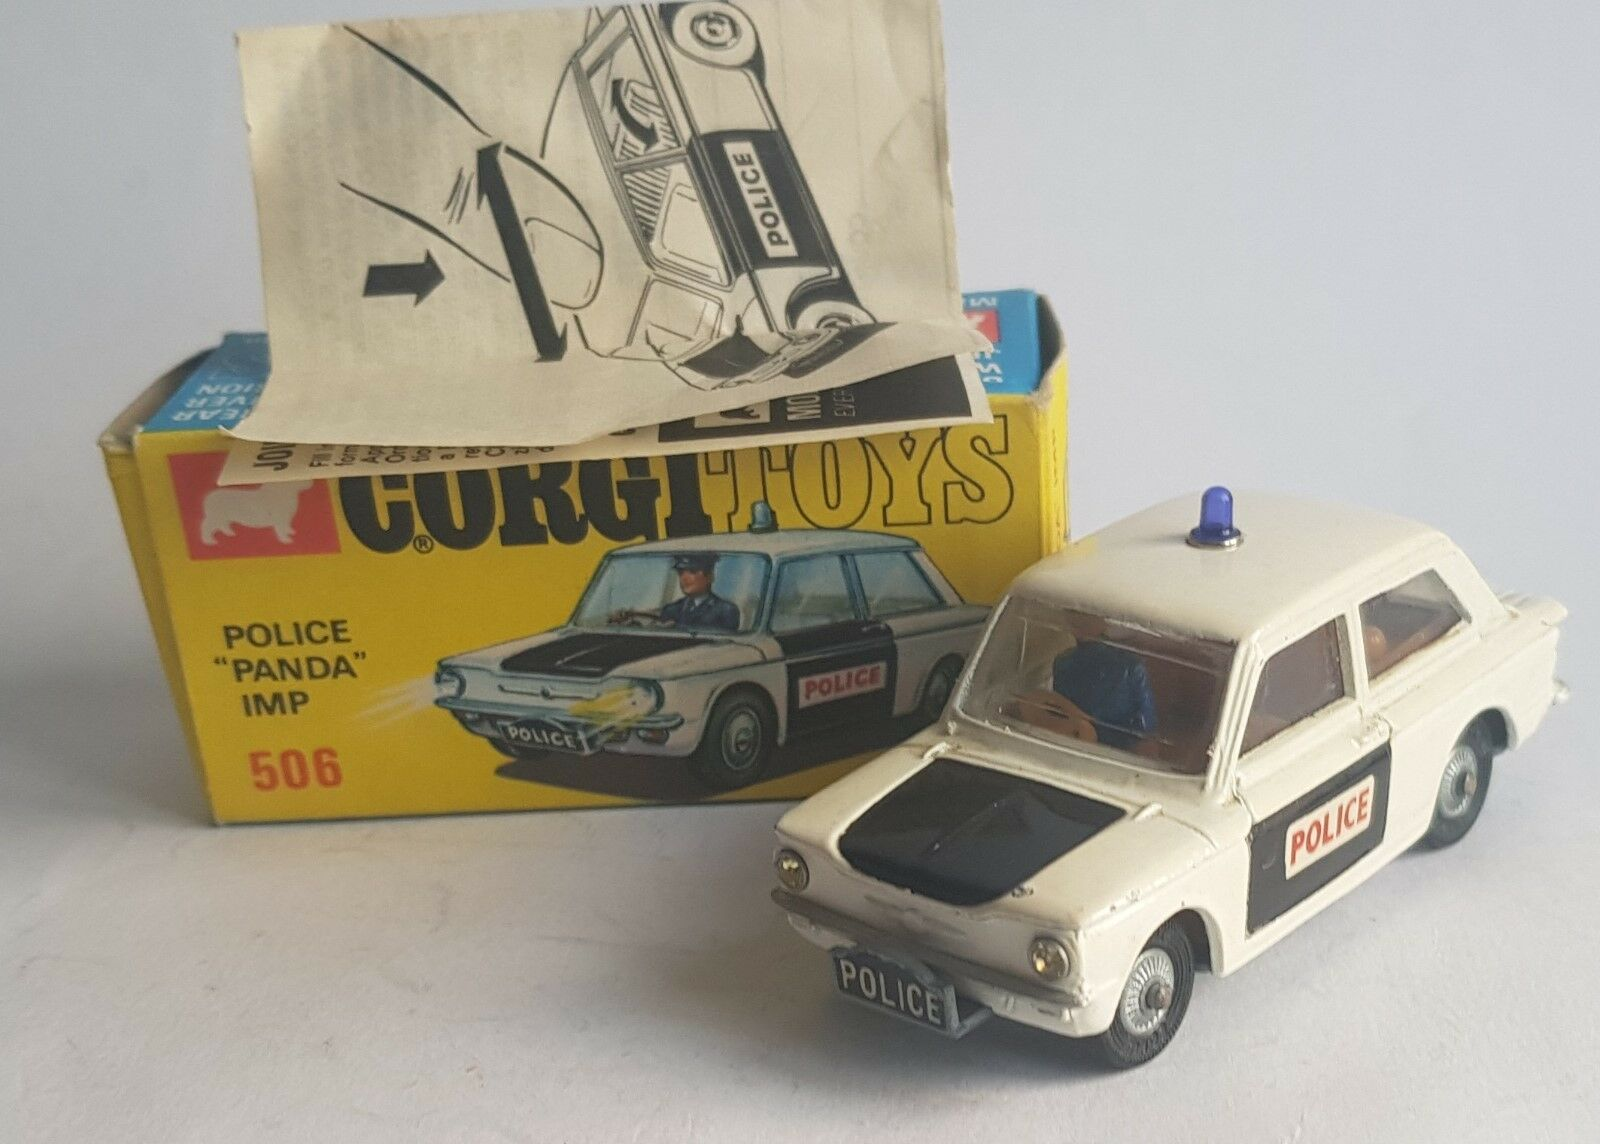 Corgi Toys No. 506, Police 'Panda' Imp, - Superb Superb Superb Near Mint 0f6